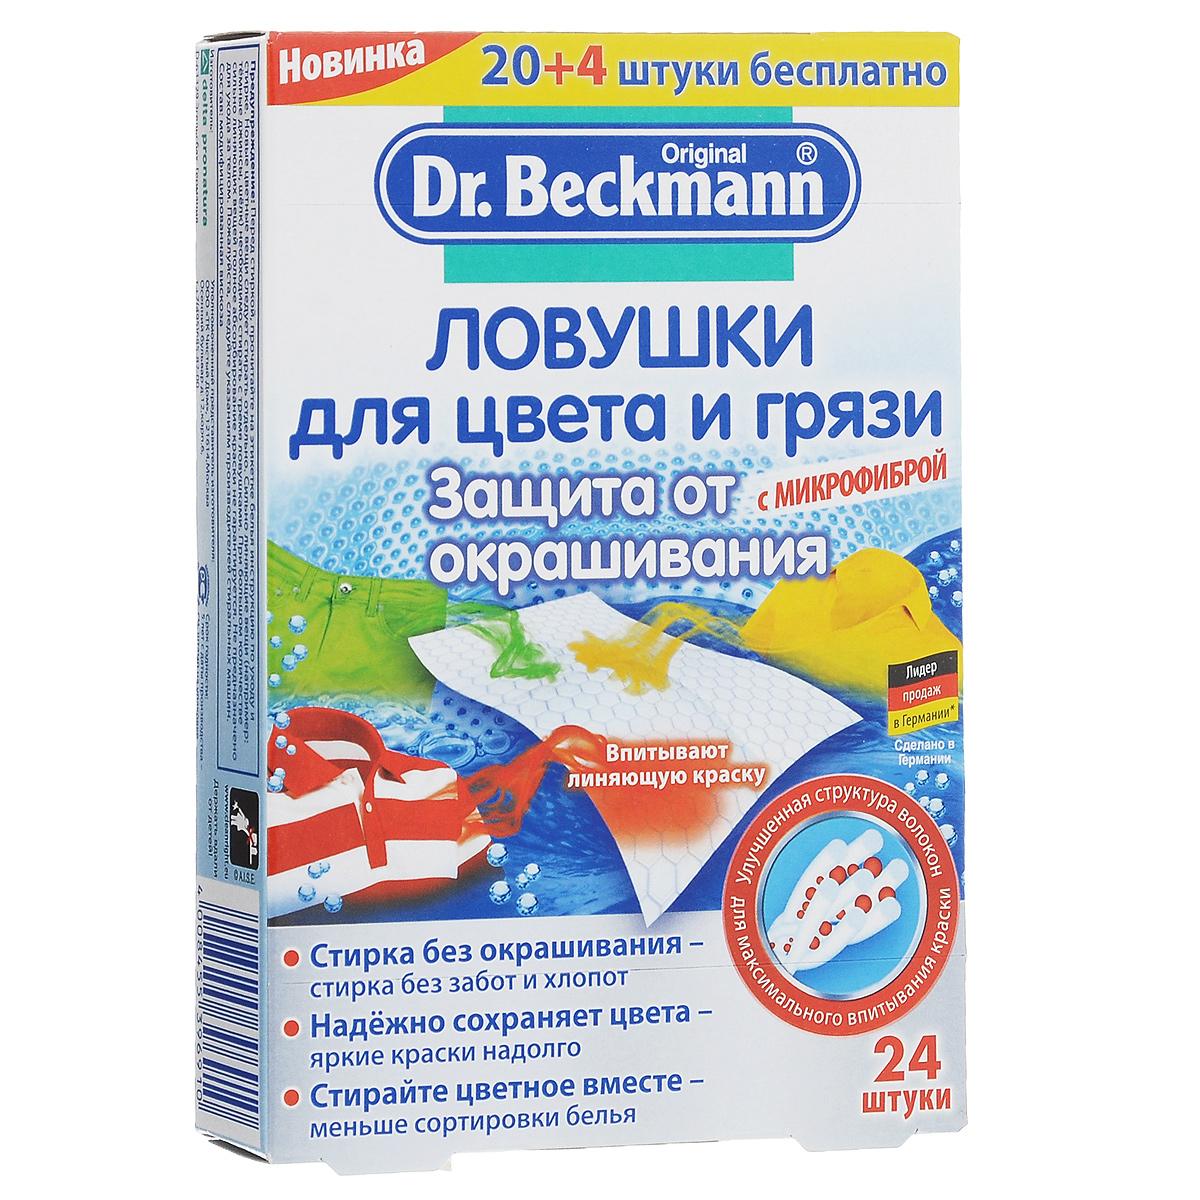 Ловушка для цвета и грязи Dr. Beckmann, одноразовая, 20 шт + 4 шт бесплатно39692